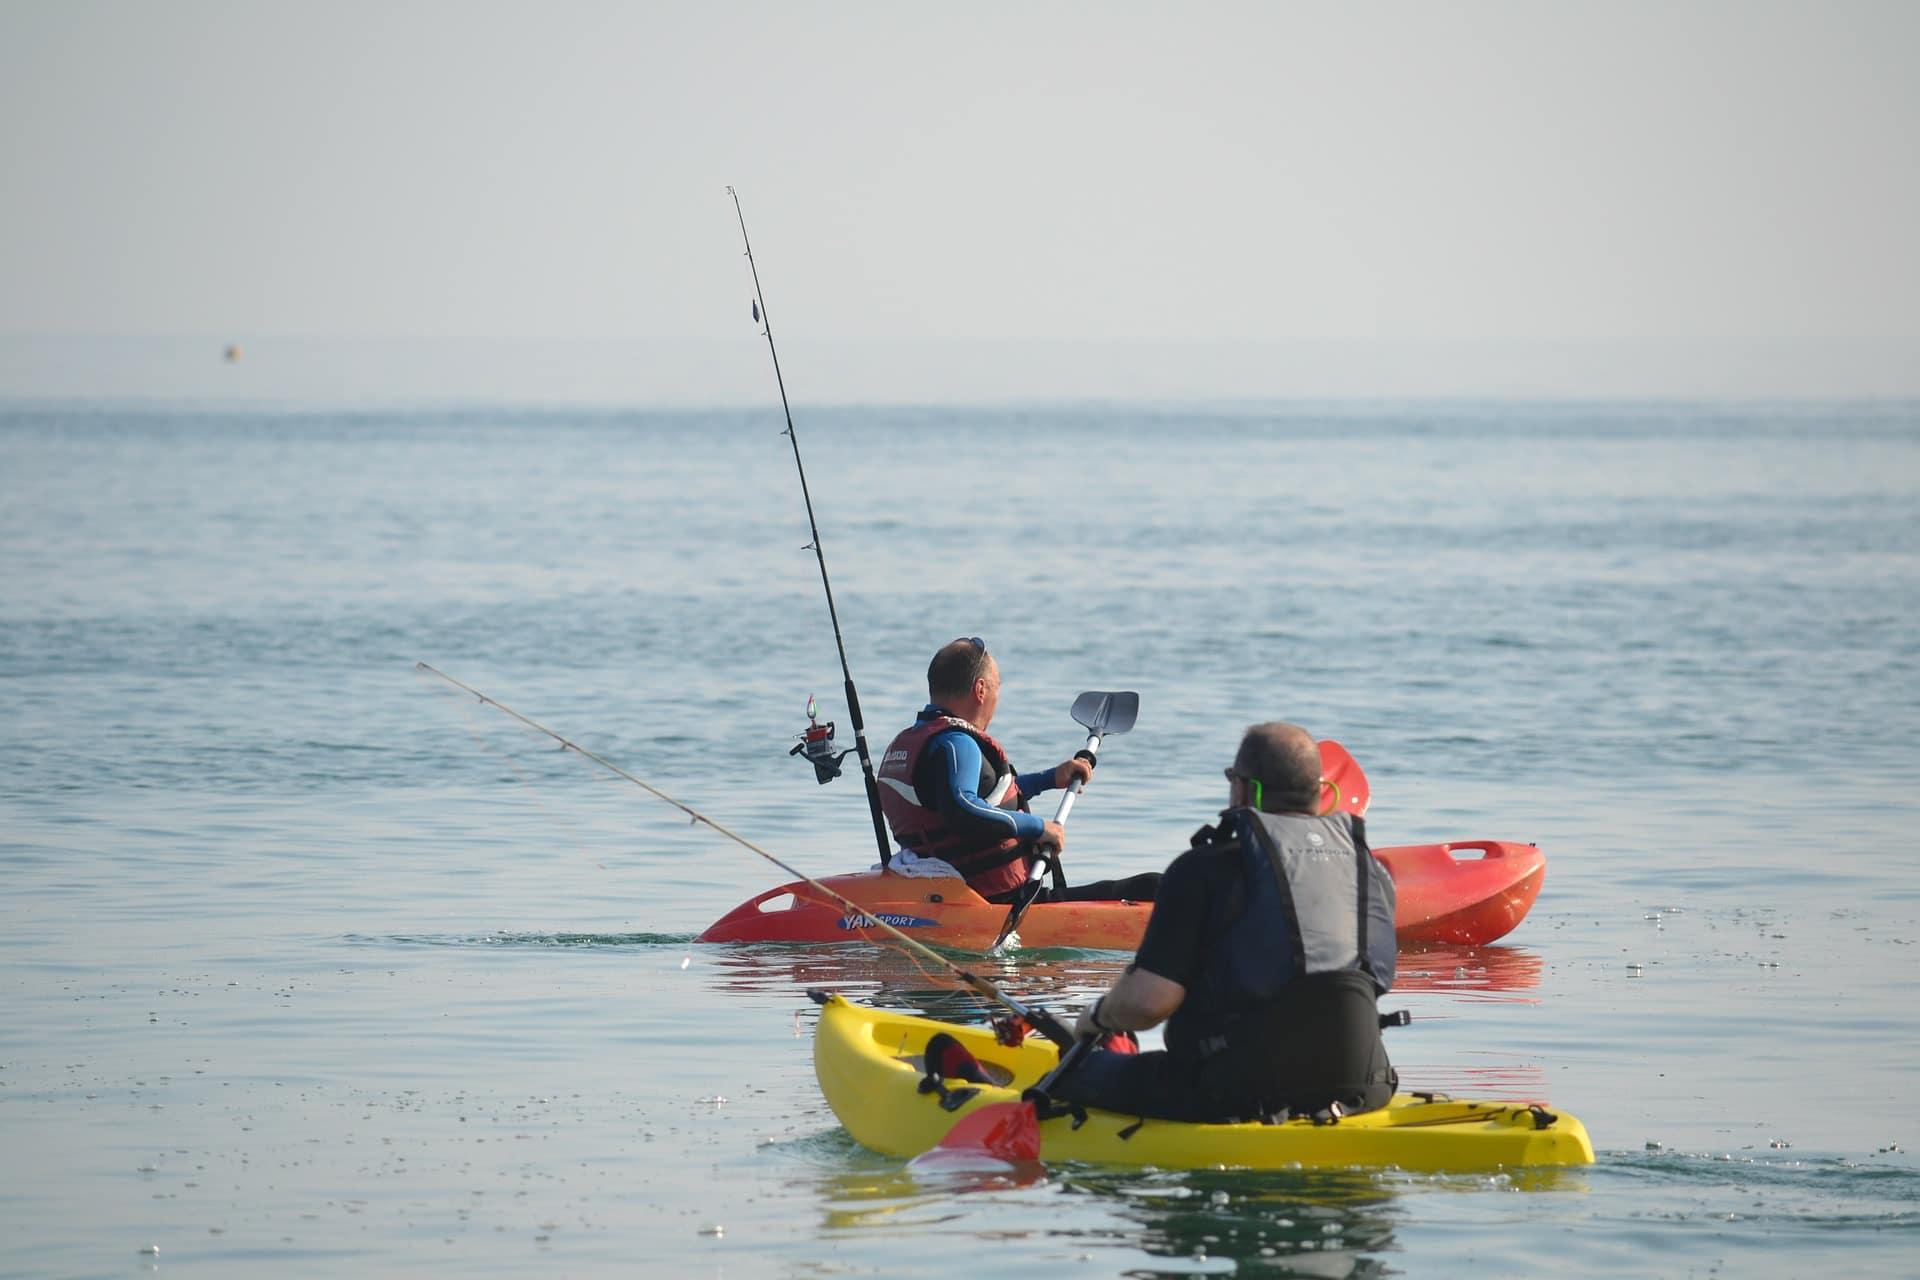 Tow men in kayaks fishing